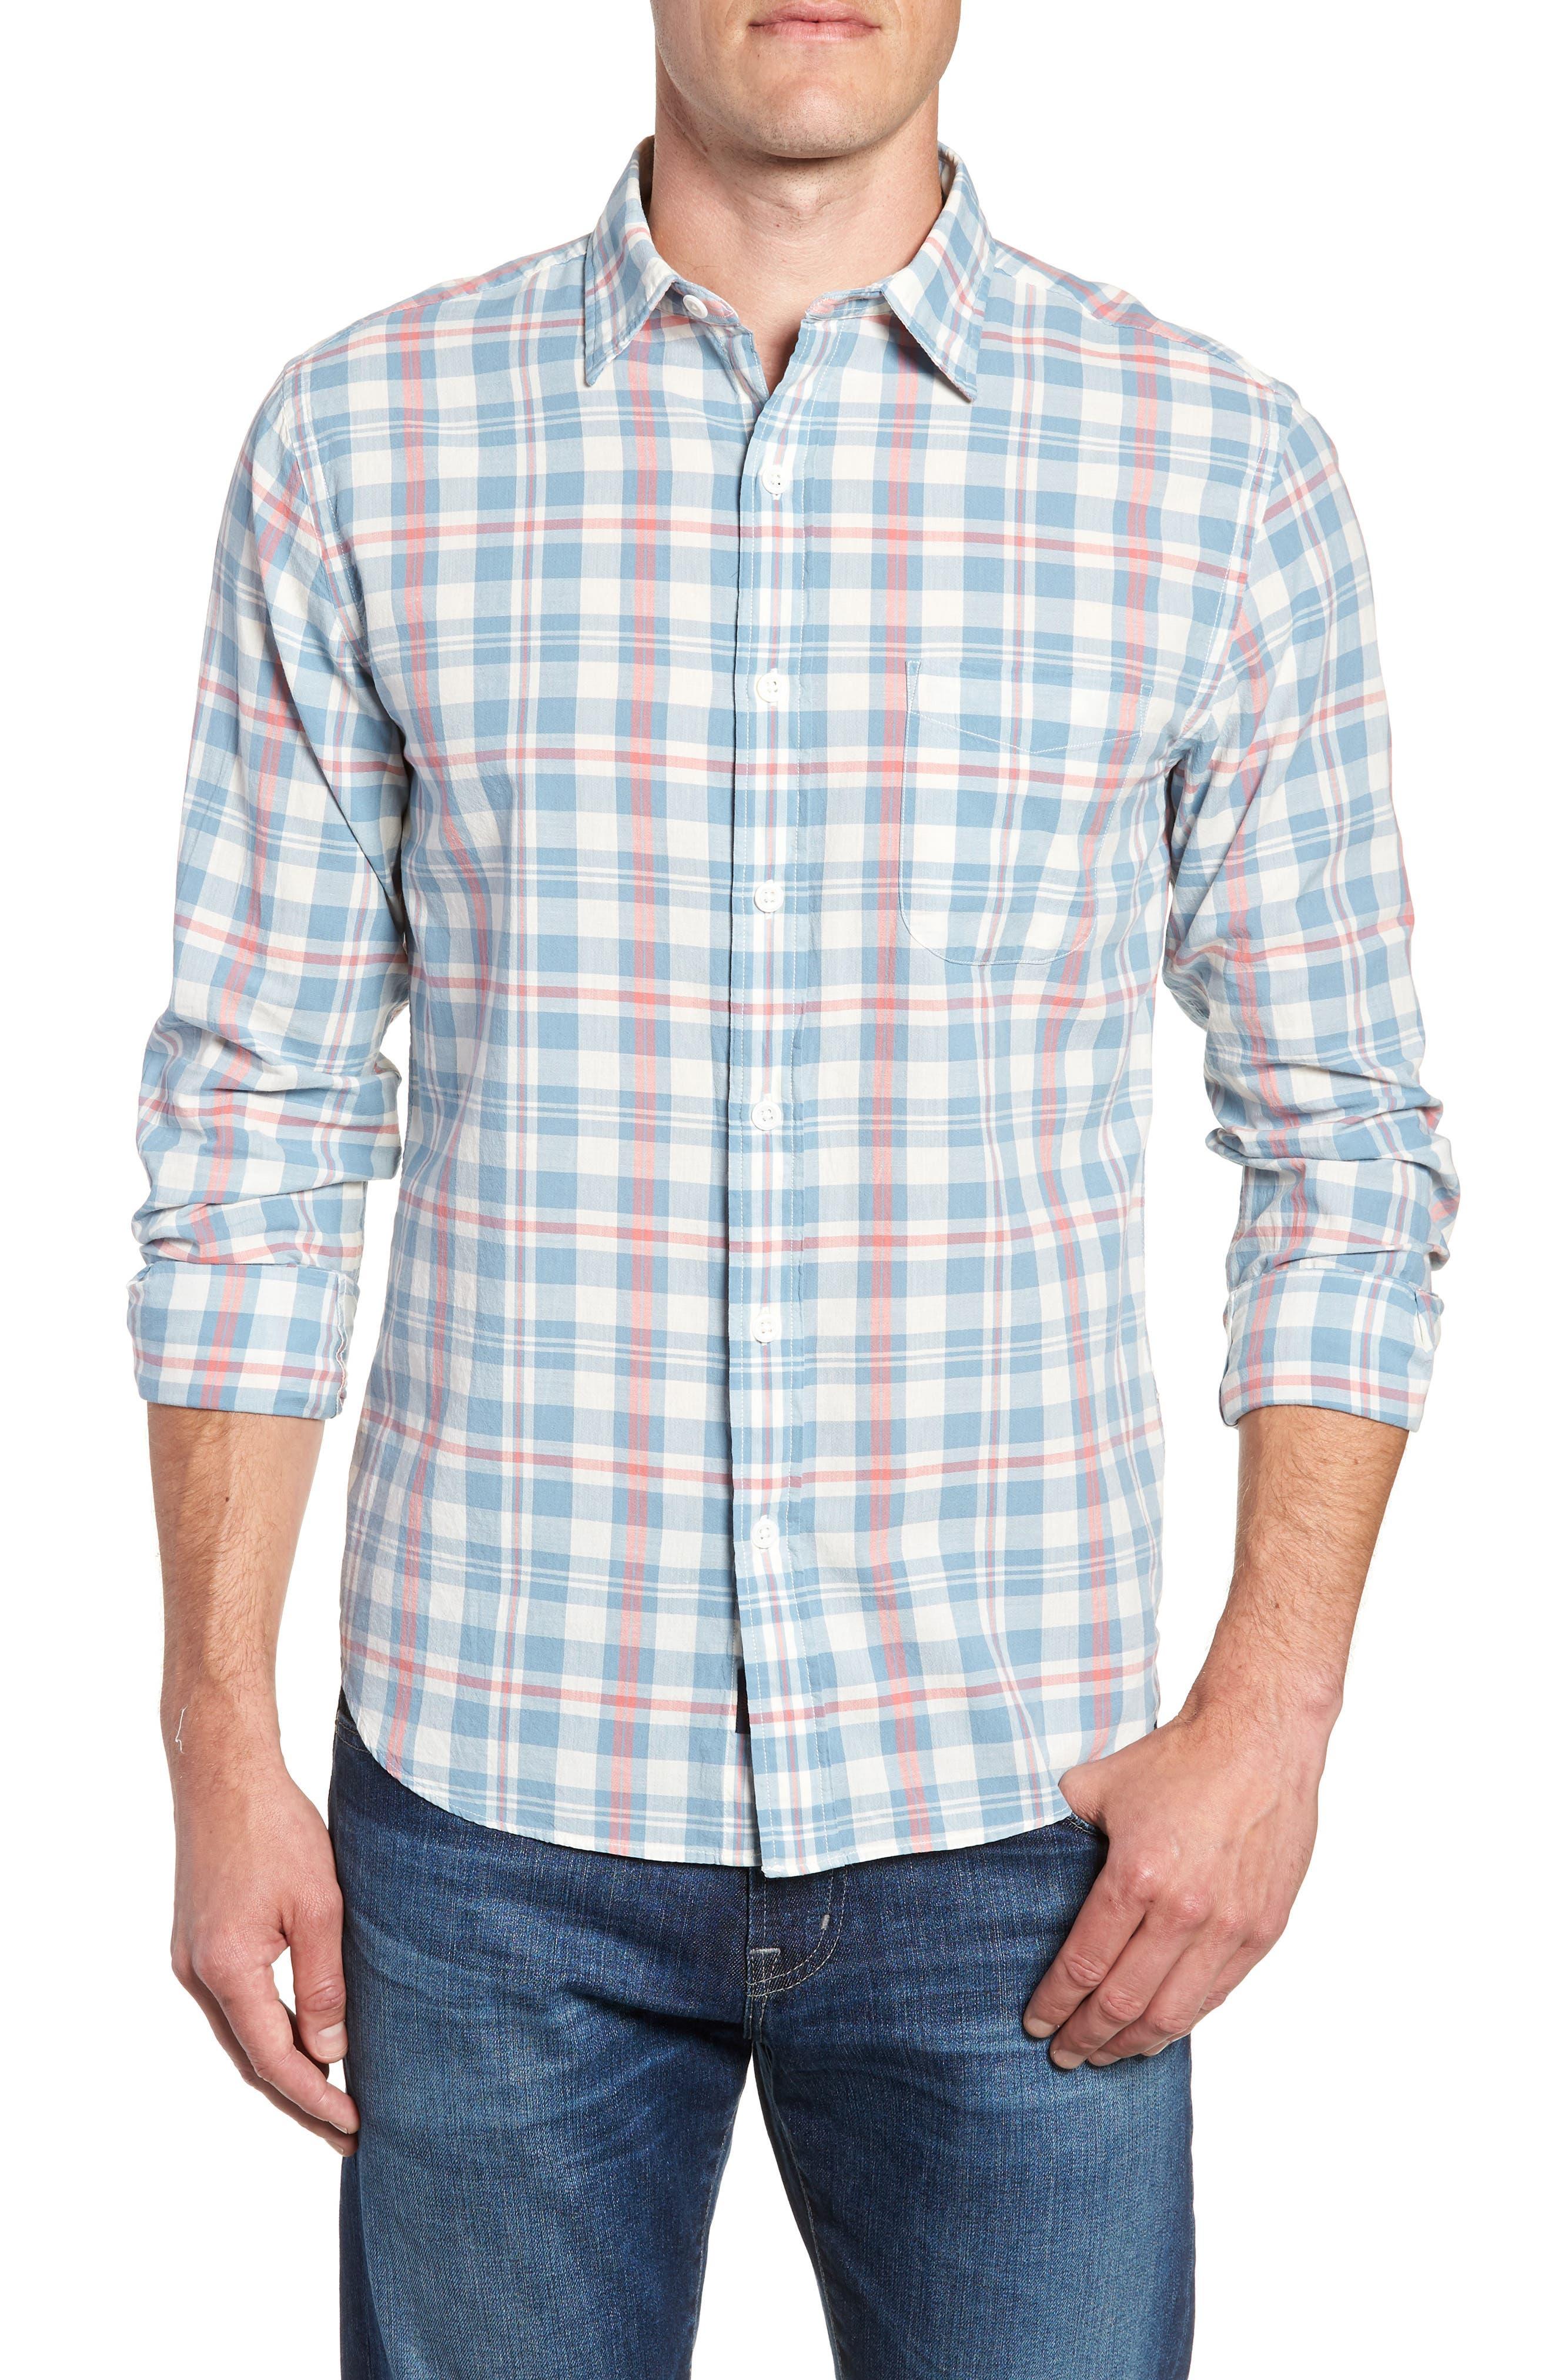 Ventura Plaid Sport Shirt,                         Main,                         color, WASHED BLUE CREAM